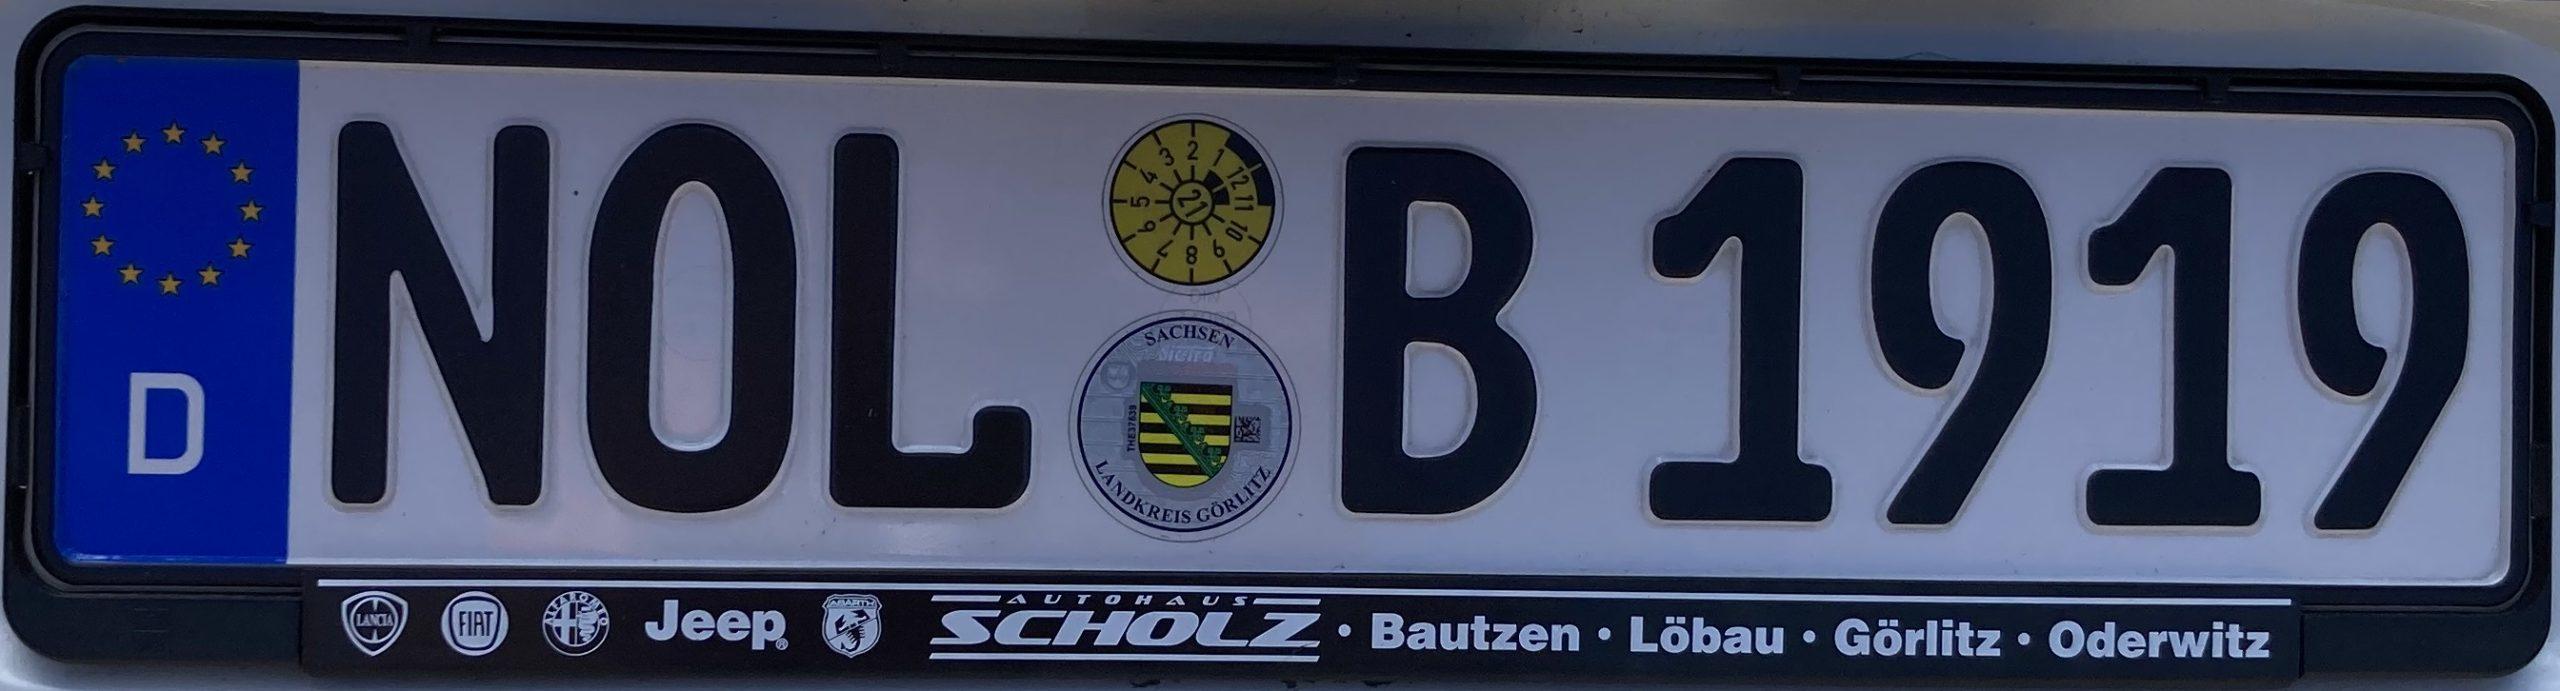 Registrační značky Německo - NOL - Niederschlesischer Oberlausitzkreis, foto: www.podalnici.cz